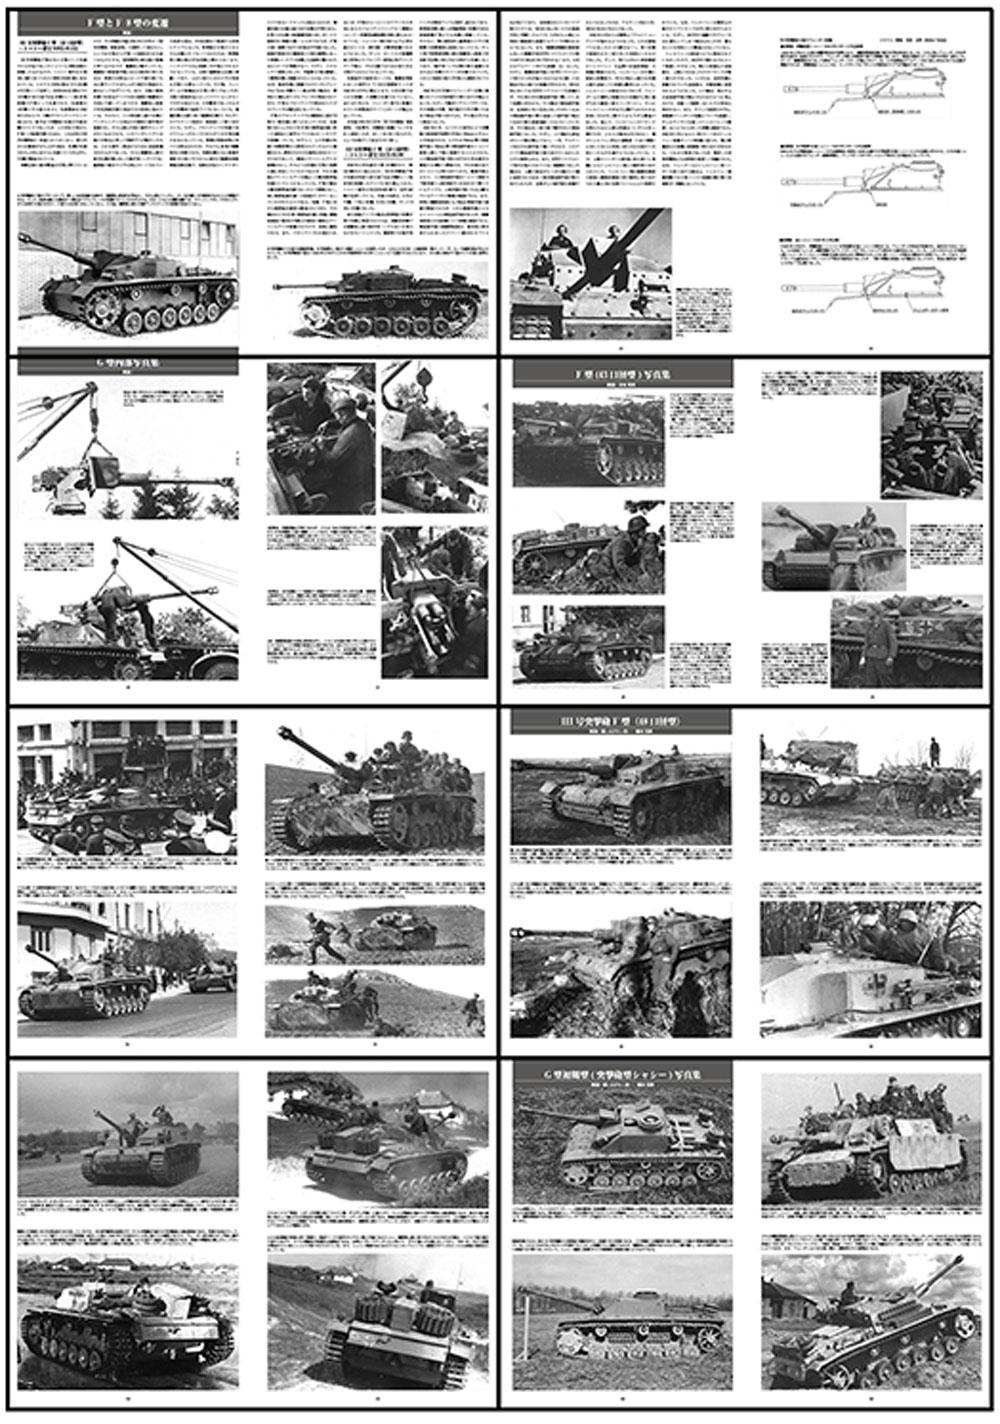 3号突撃砲 Vol.2 長砲身型 (1)別冊(ガリレオ出版グランドパワー別冊No.L-07/23)商品画像_1